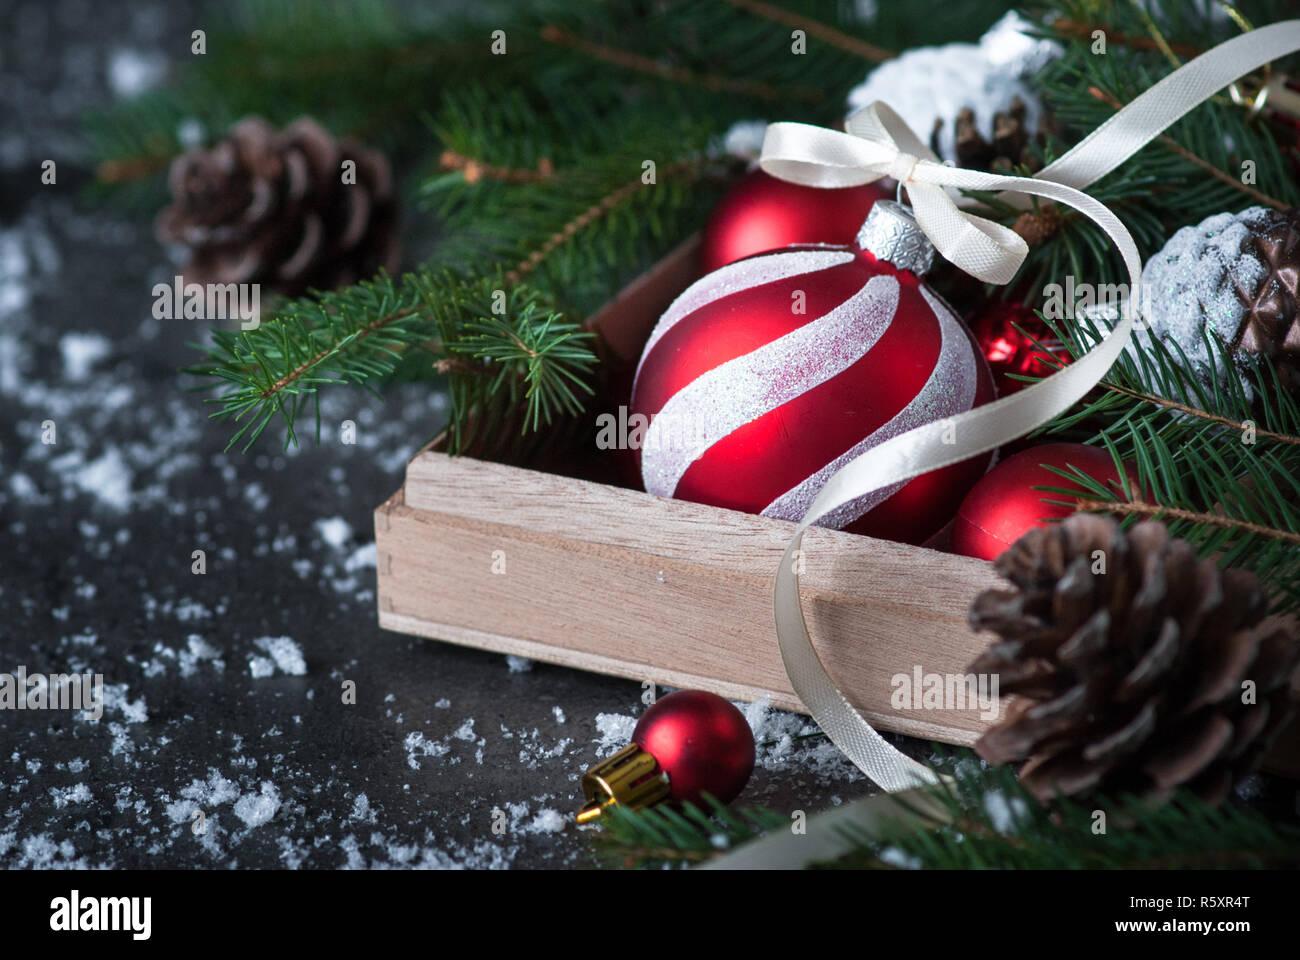 Weihnachtsschmuck rot Christbaumkugel in das Feld ein. Stockfoto